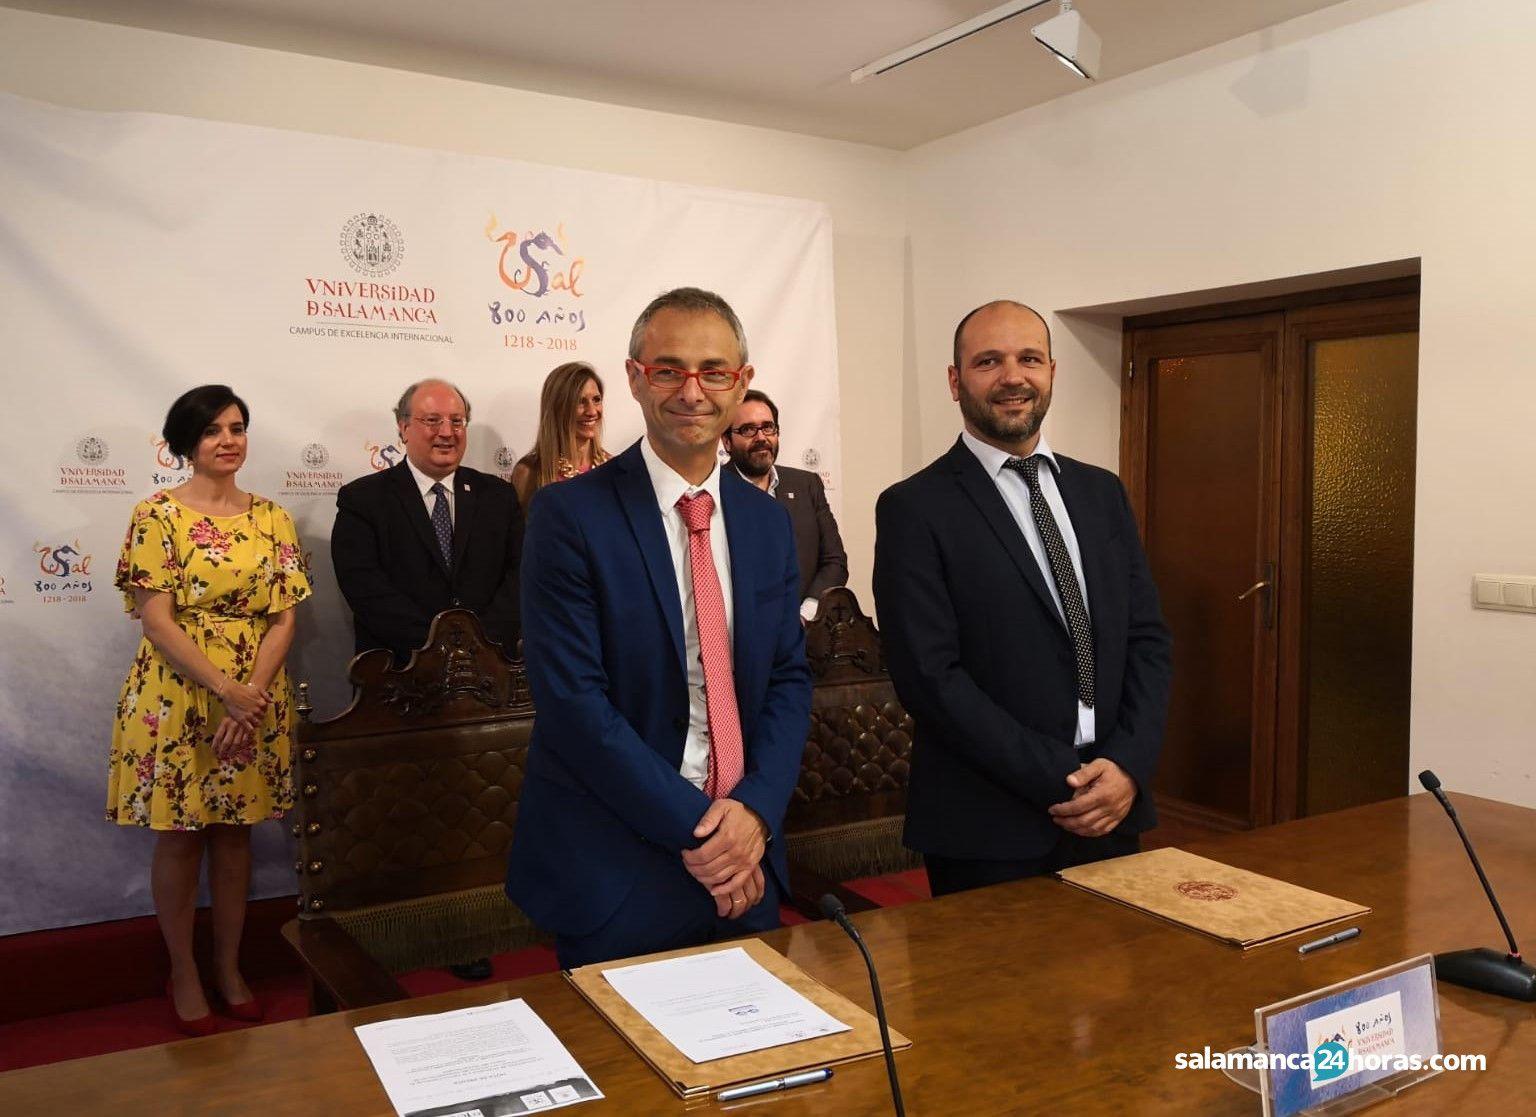 Convenio de colaboración Universidad de Salamanca y Centro Comercial el Tormes (2)